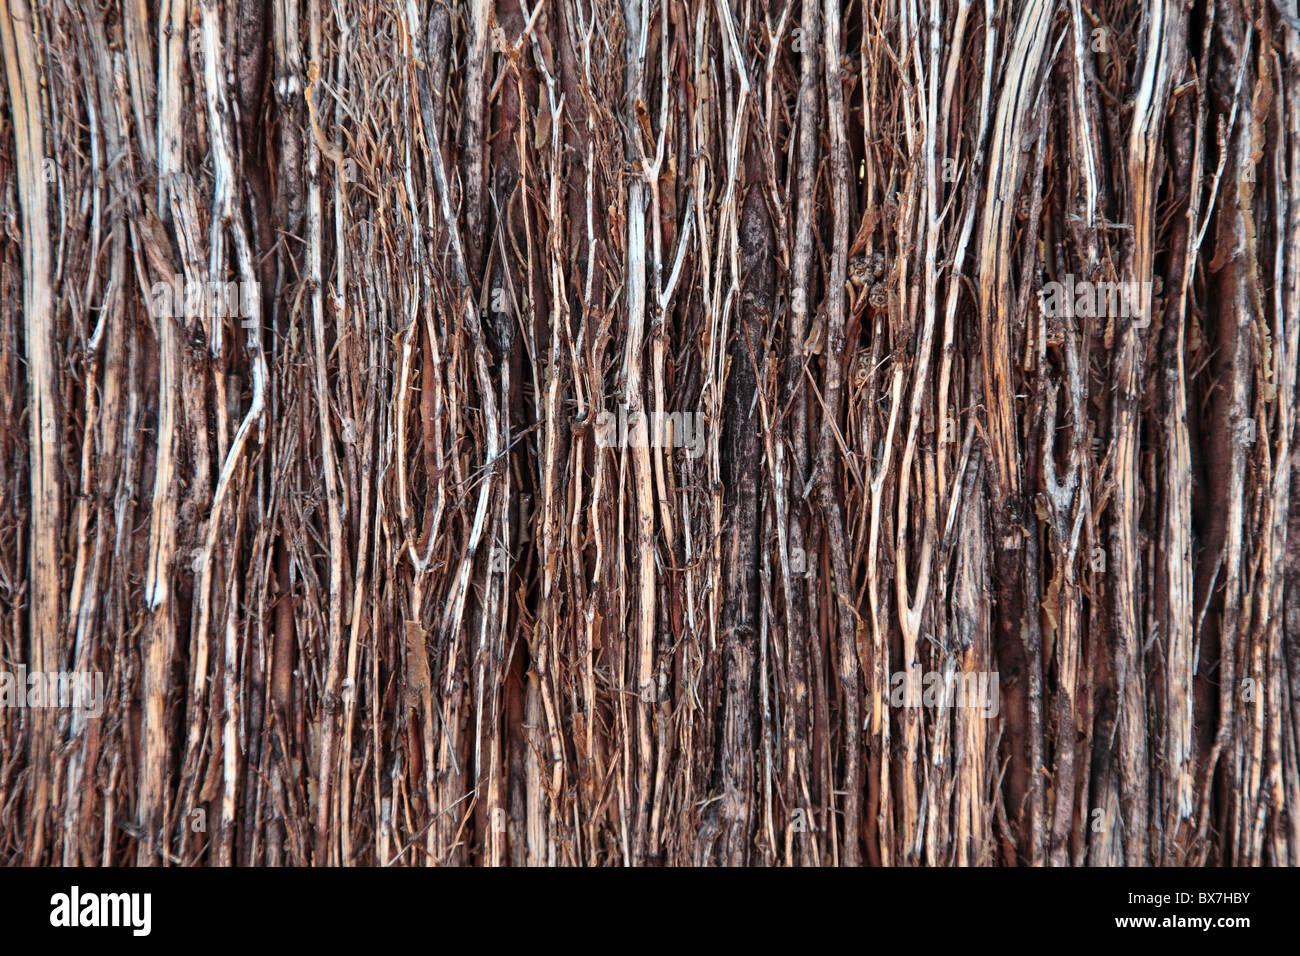 Fence Twigs Stockfotos & Fence Twigs Bilder - Alamy